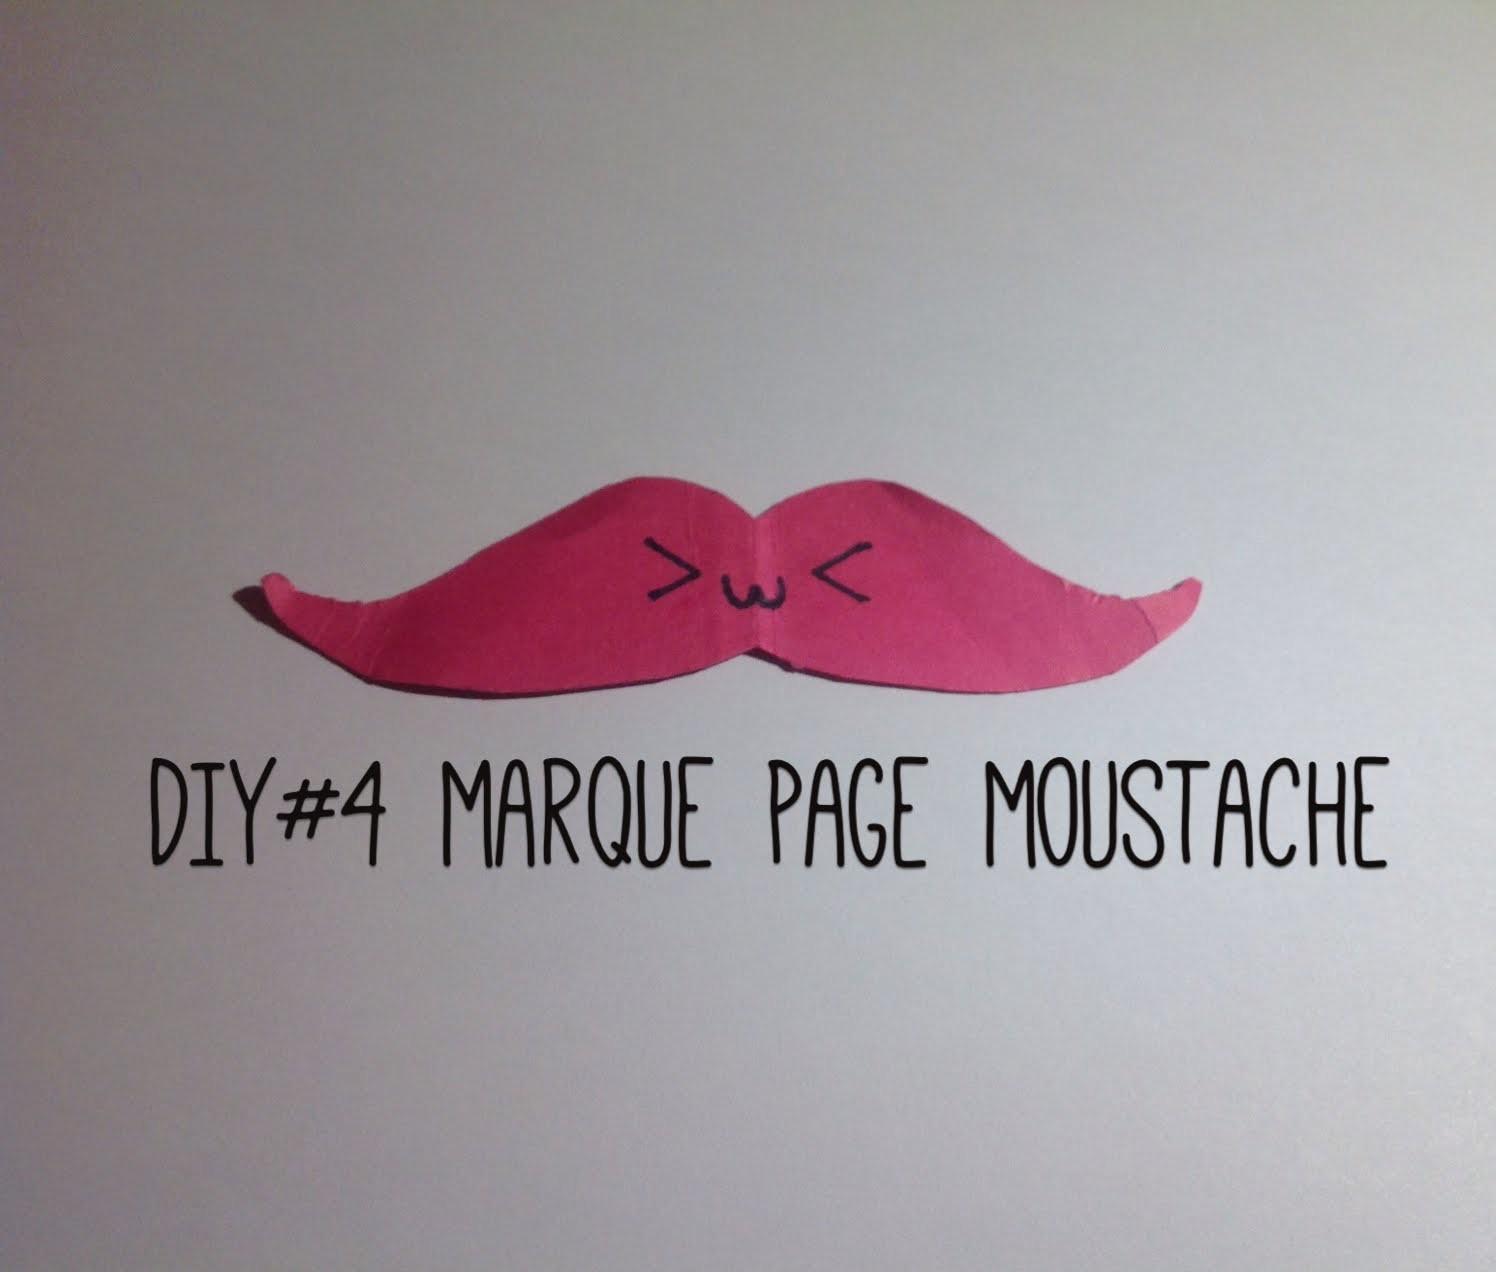 DIY#4 Marque Page Moustache